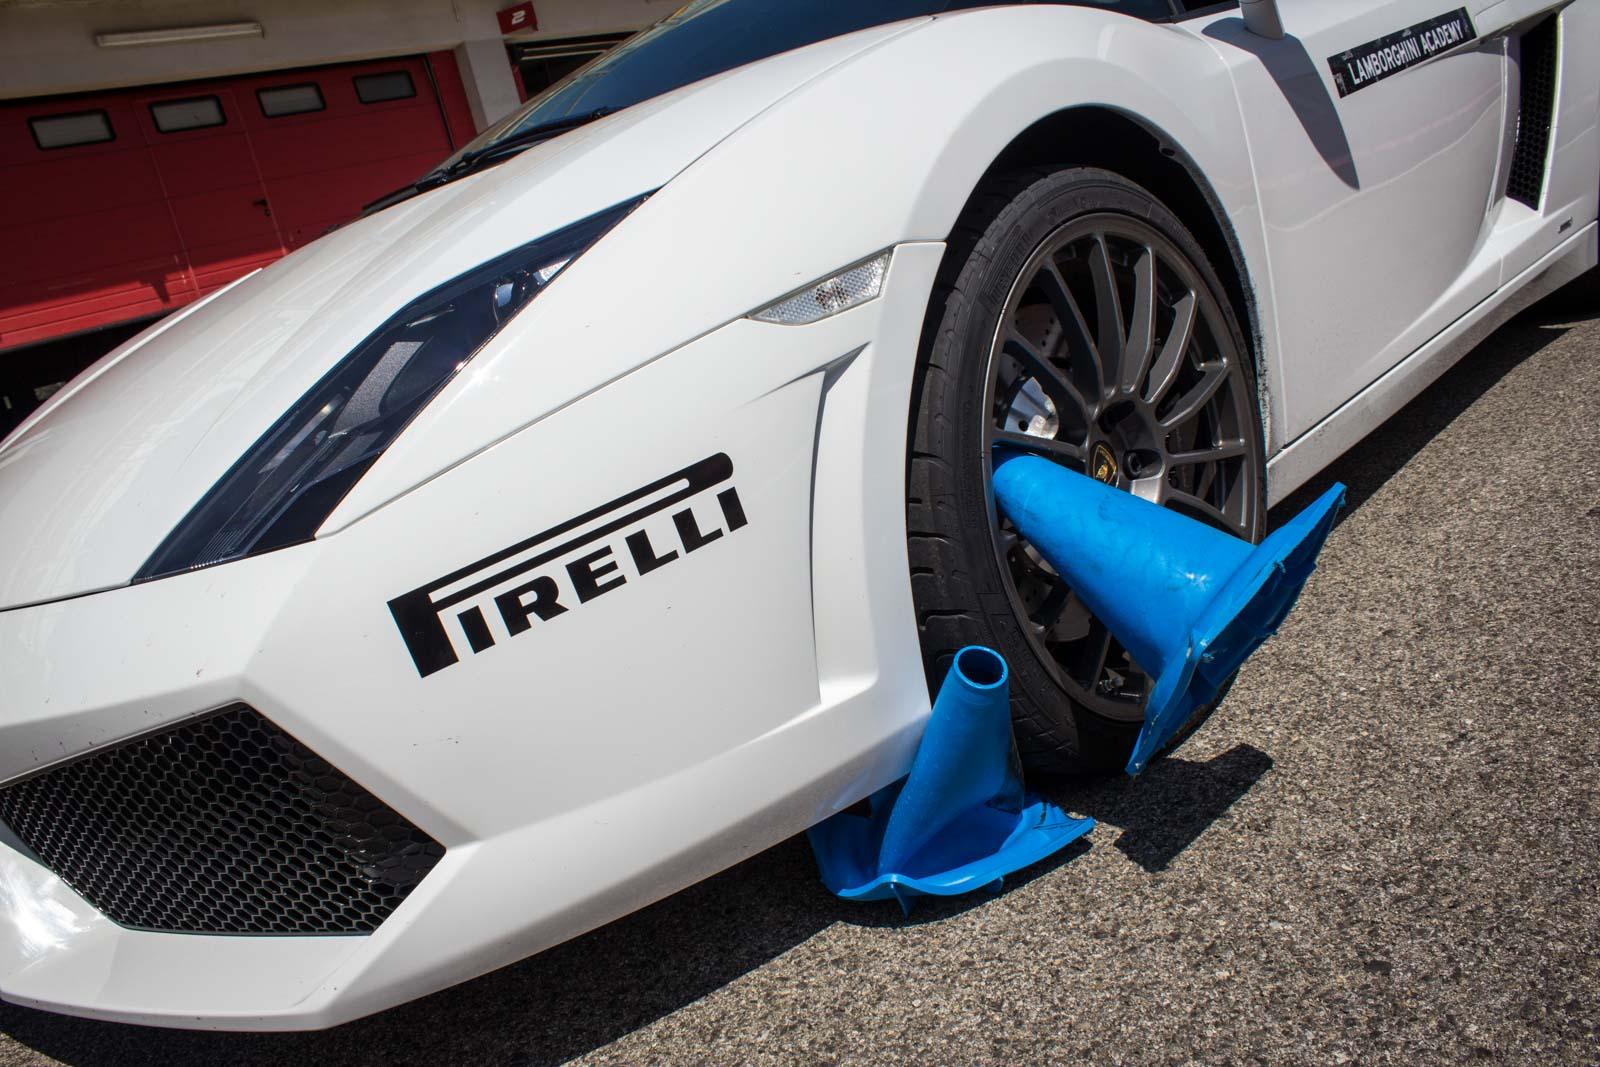 Test drive a Lamborghini, The Lamborghini Academy, Imola Racetrack, Italy